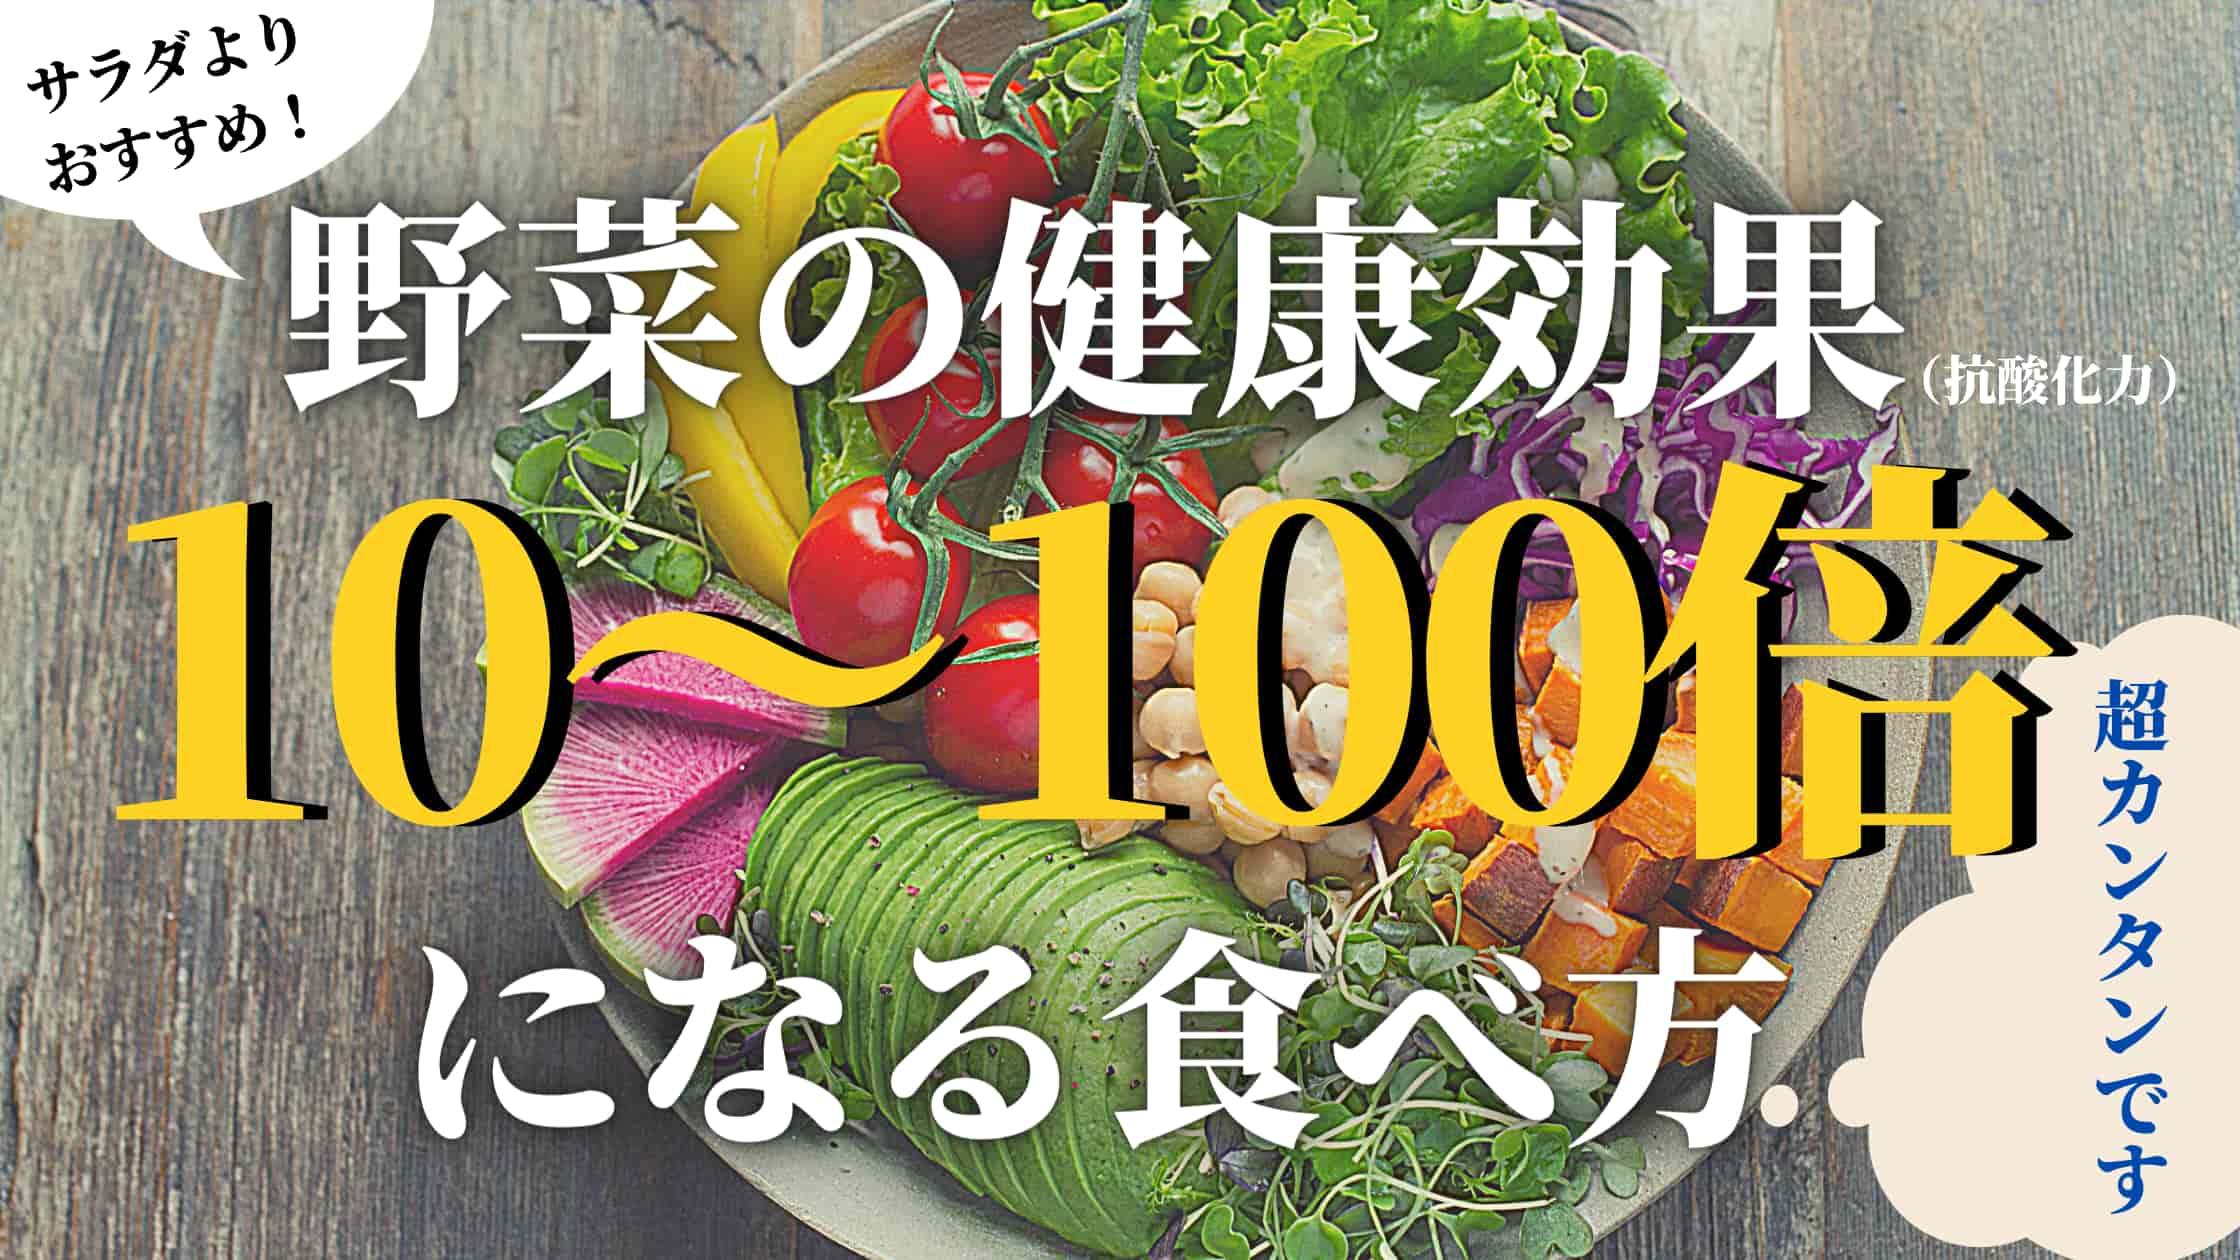 まだ生野菜(サラダ)を食べてるの?時代は野菜スープです【野菜の食べ方】